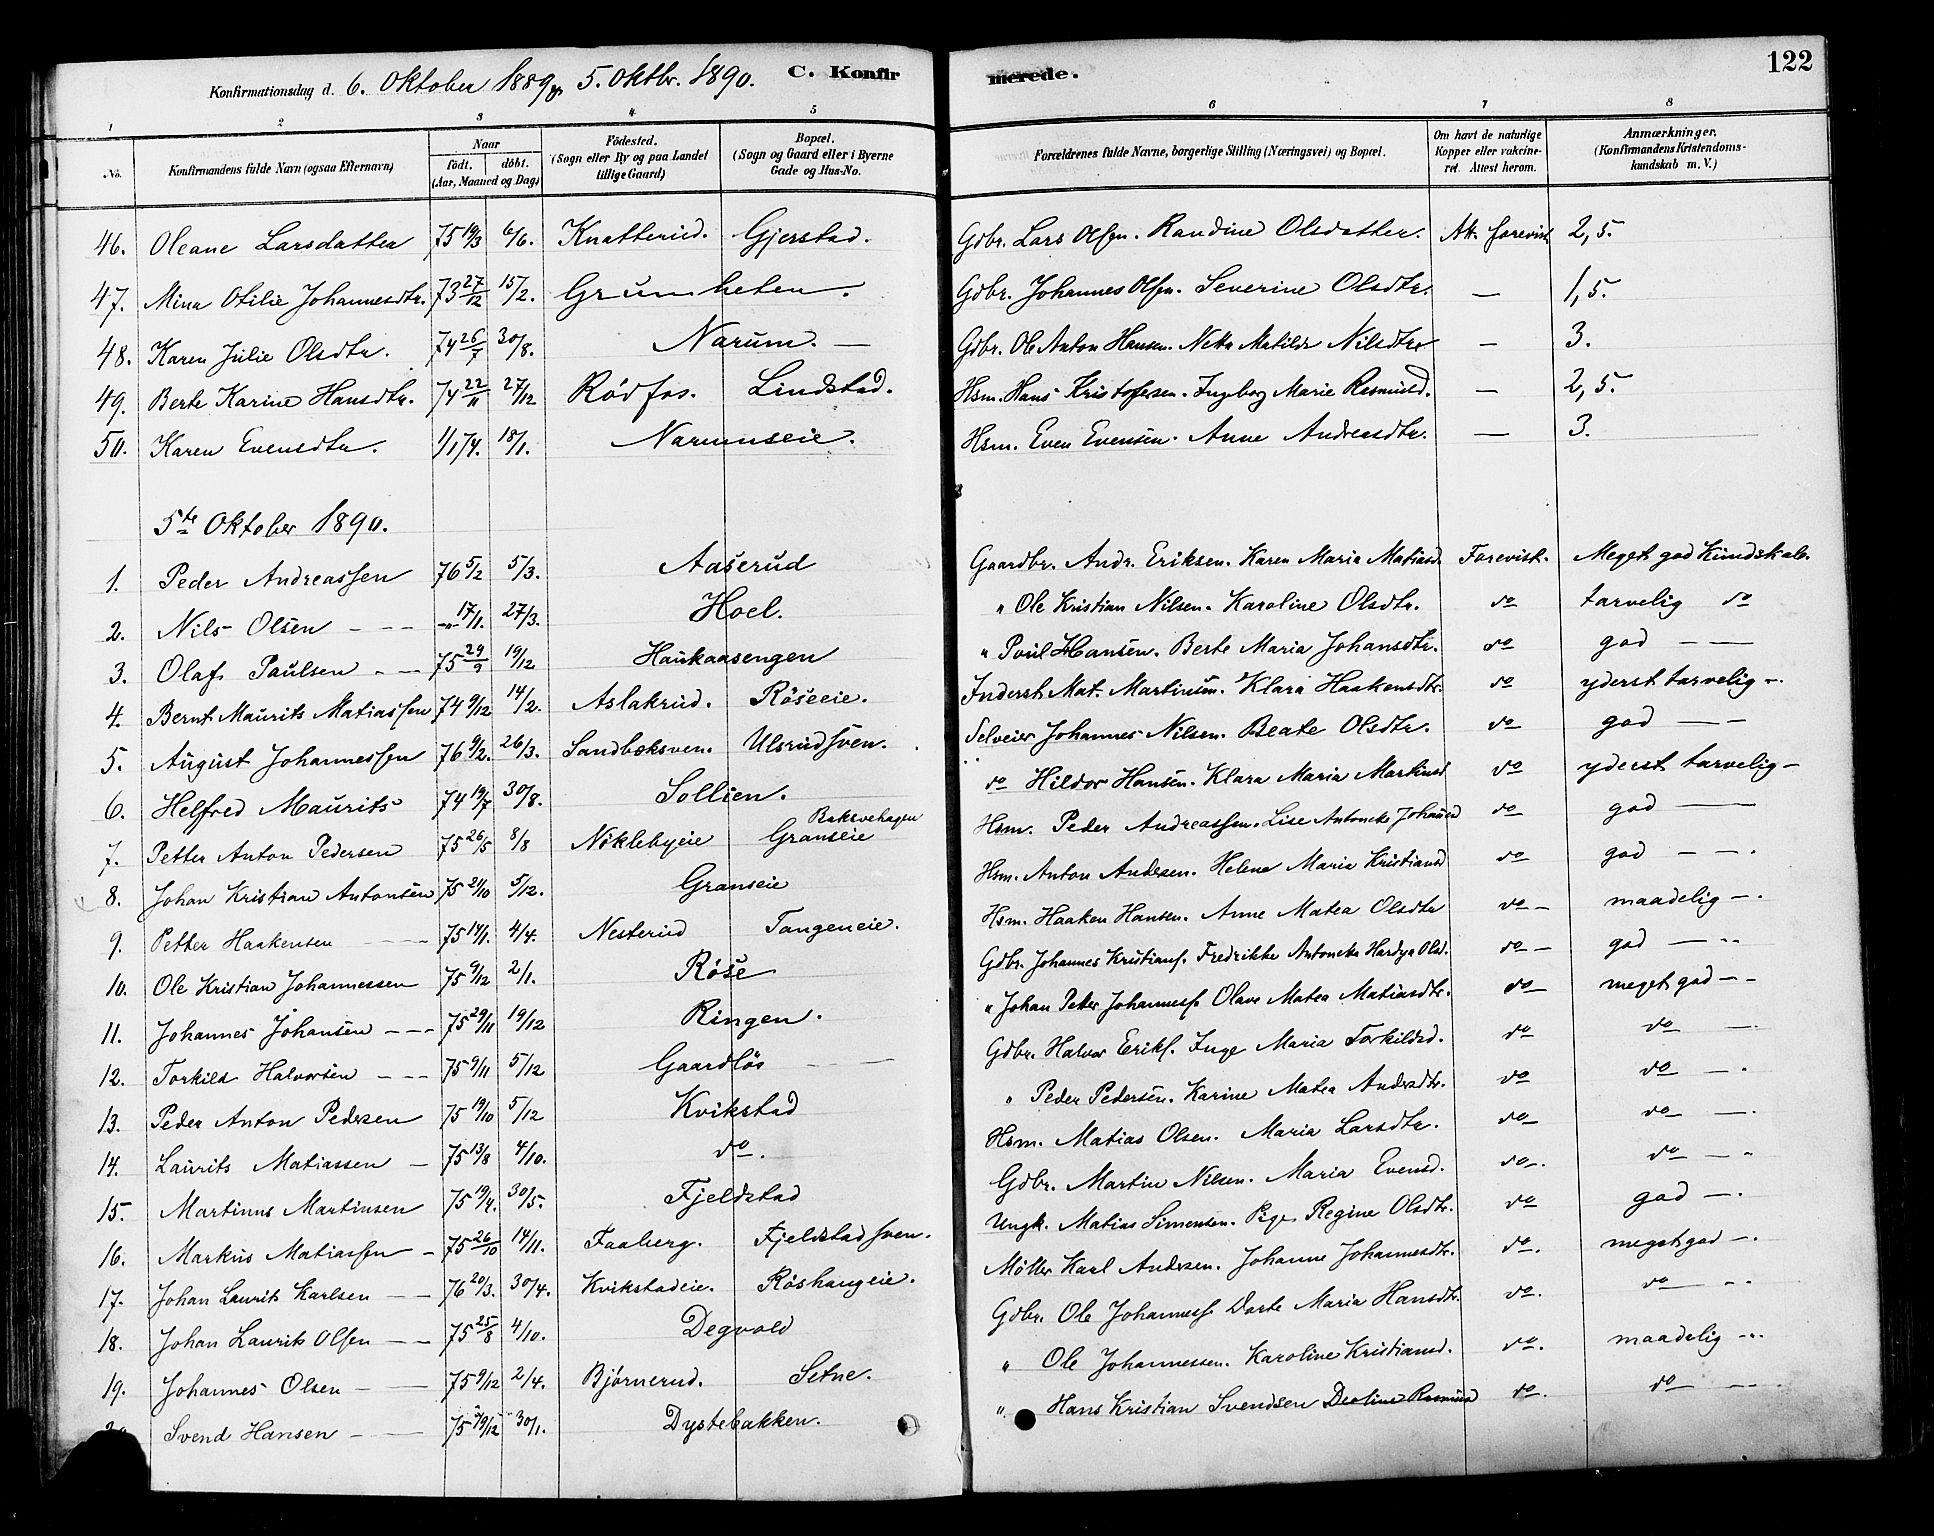 SAH, Vestre Toten prestekontor, Ministerialbok nr. 10, 1878-1894, s. 122